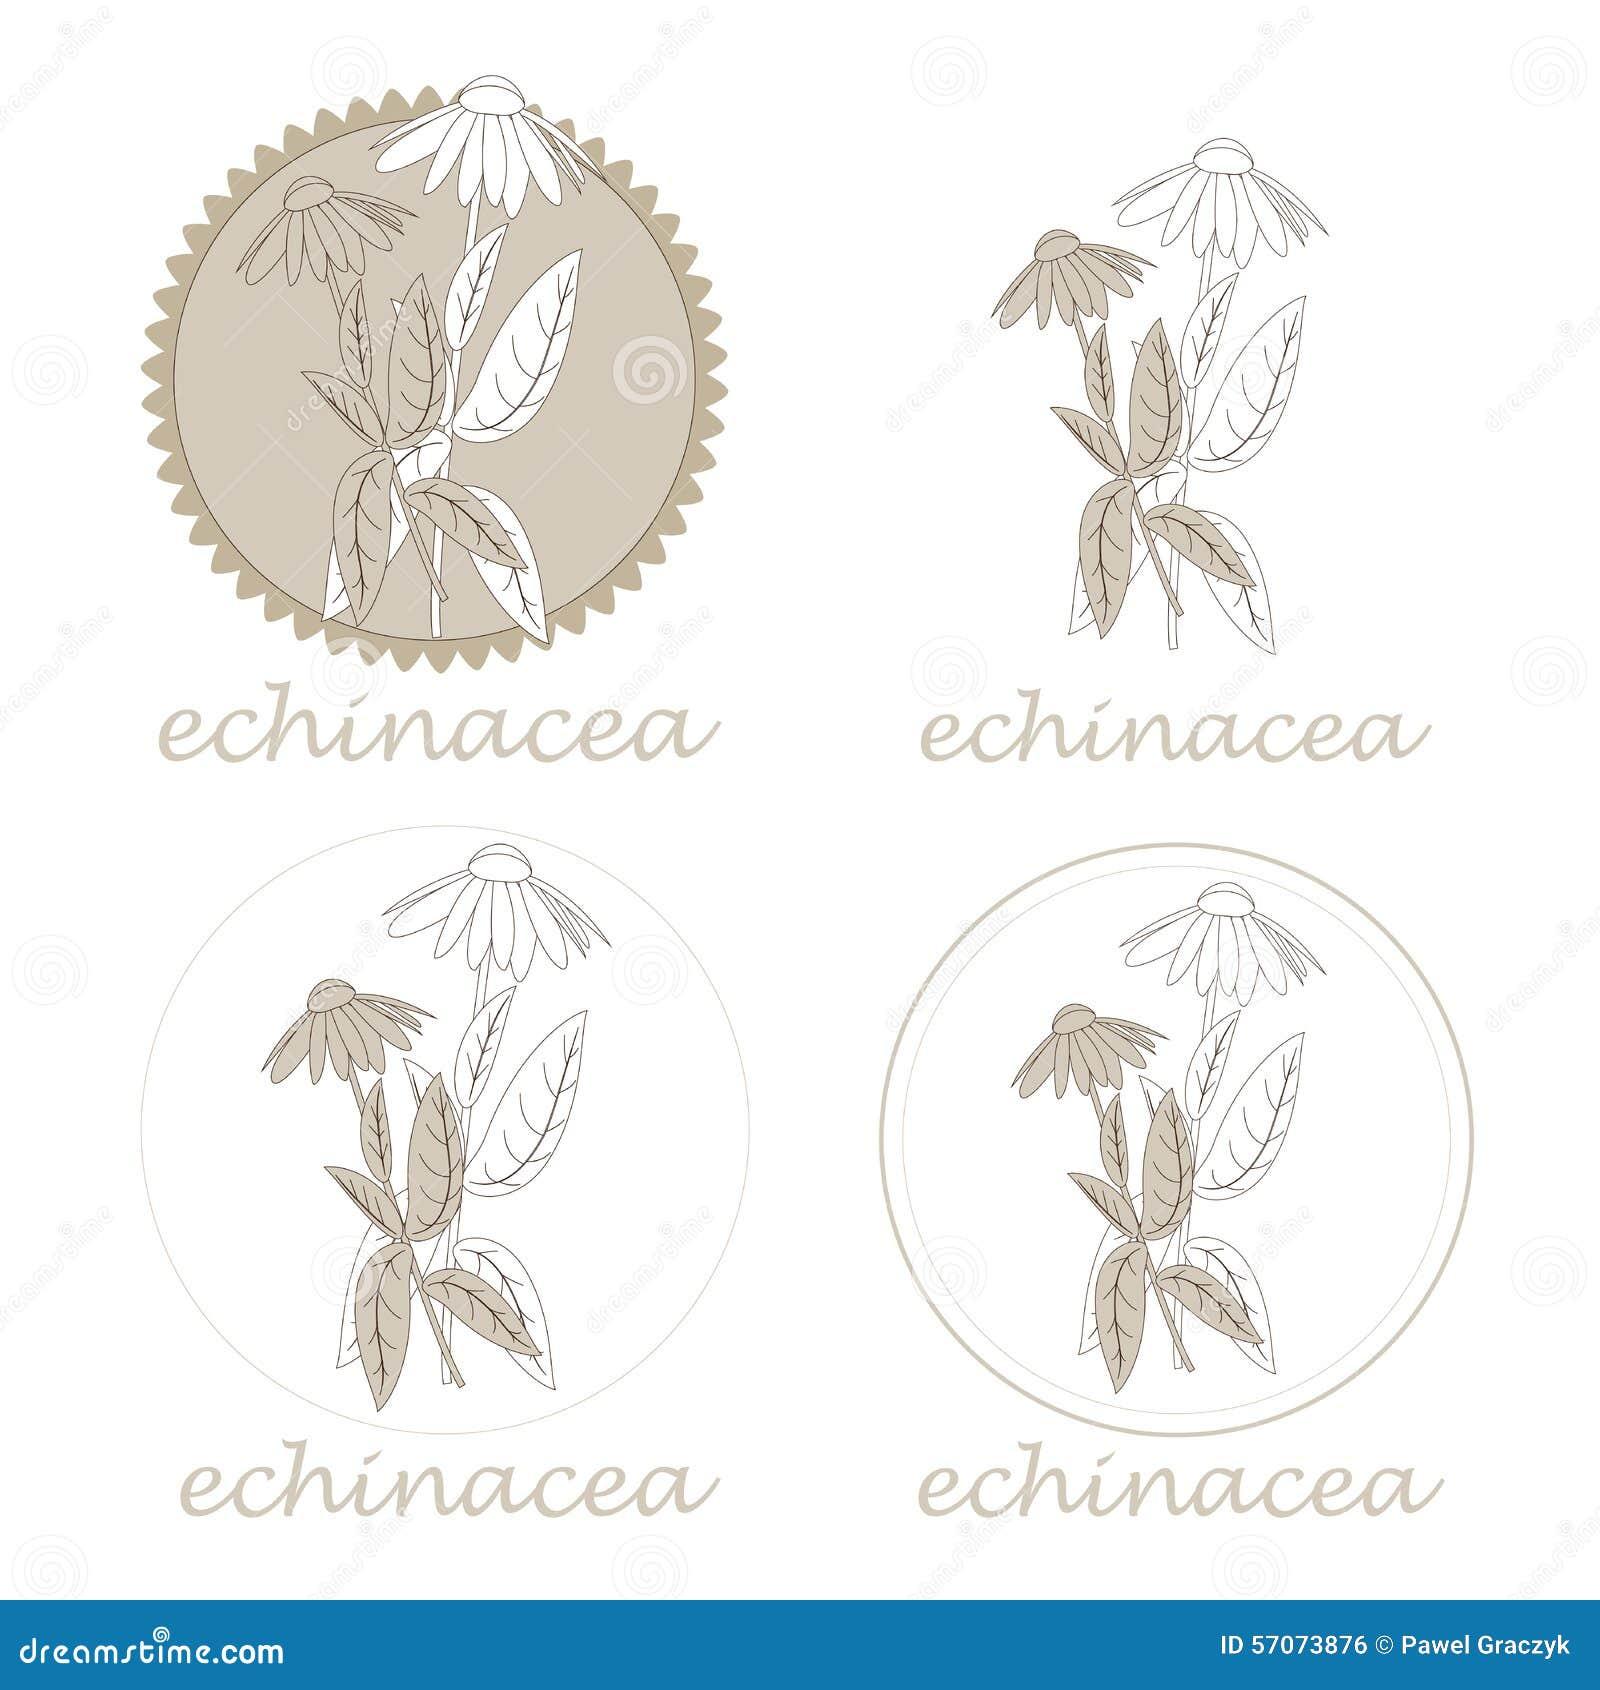 Echinaceaetiketten